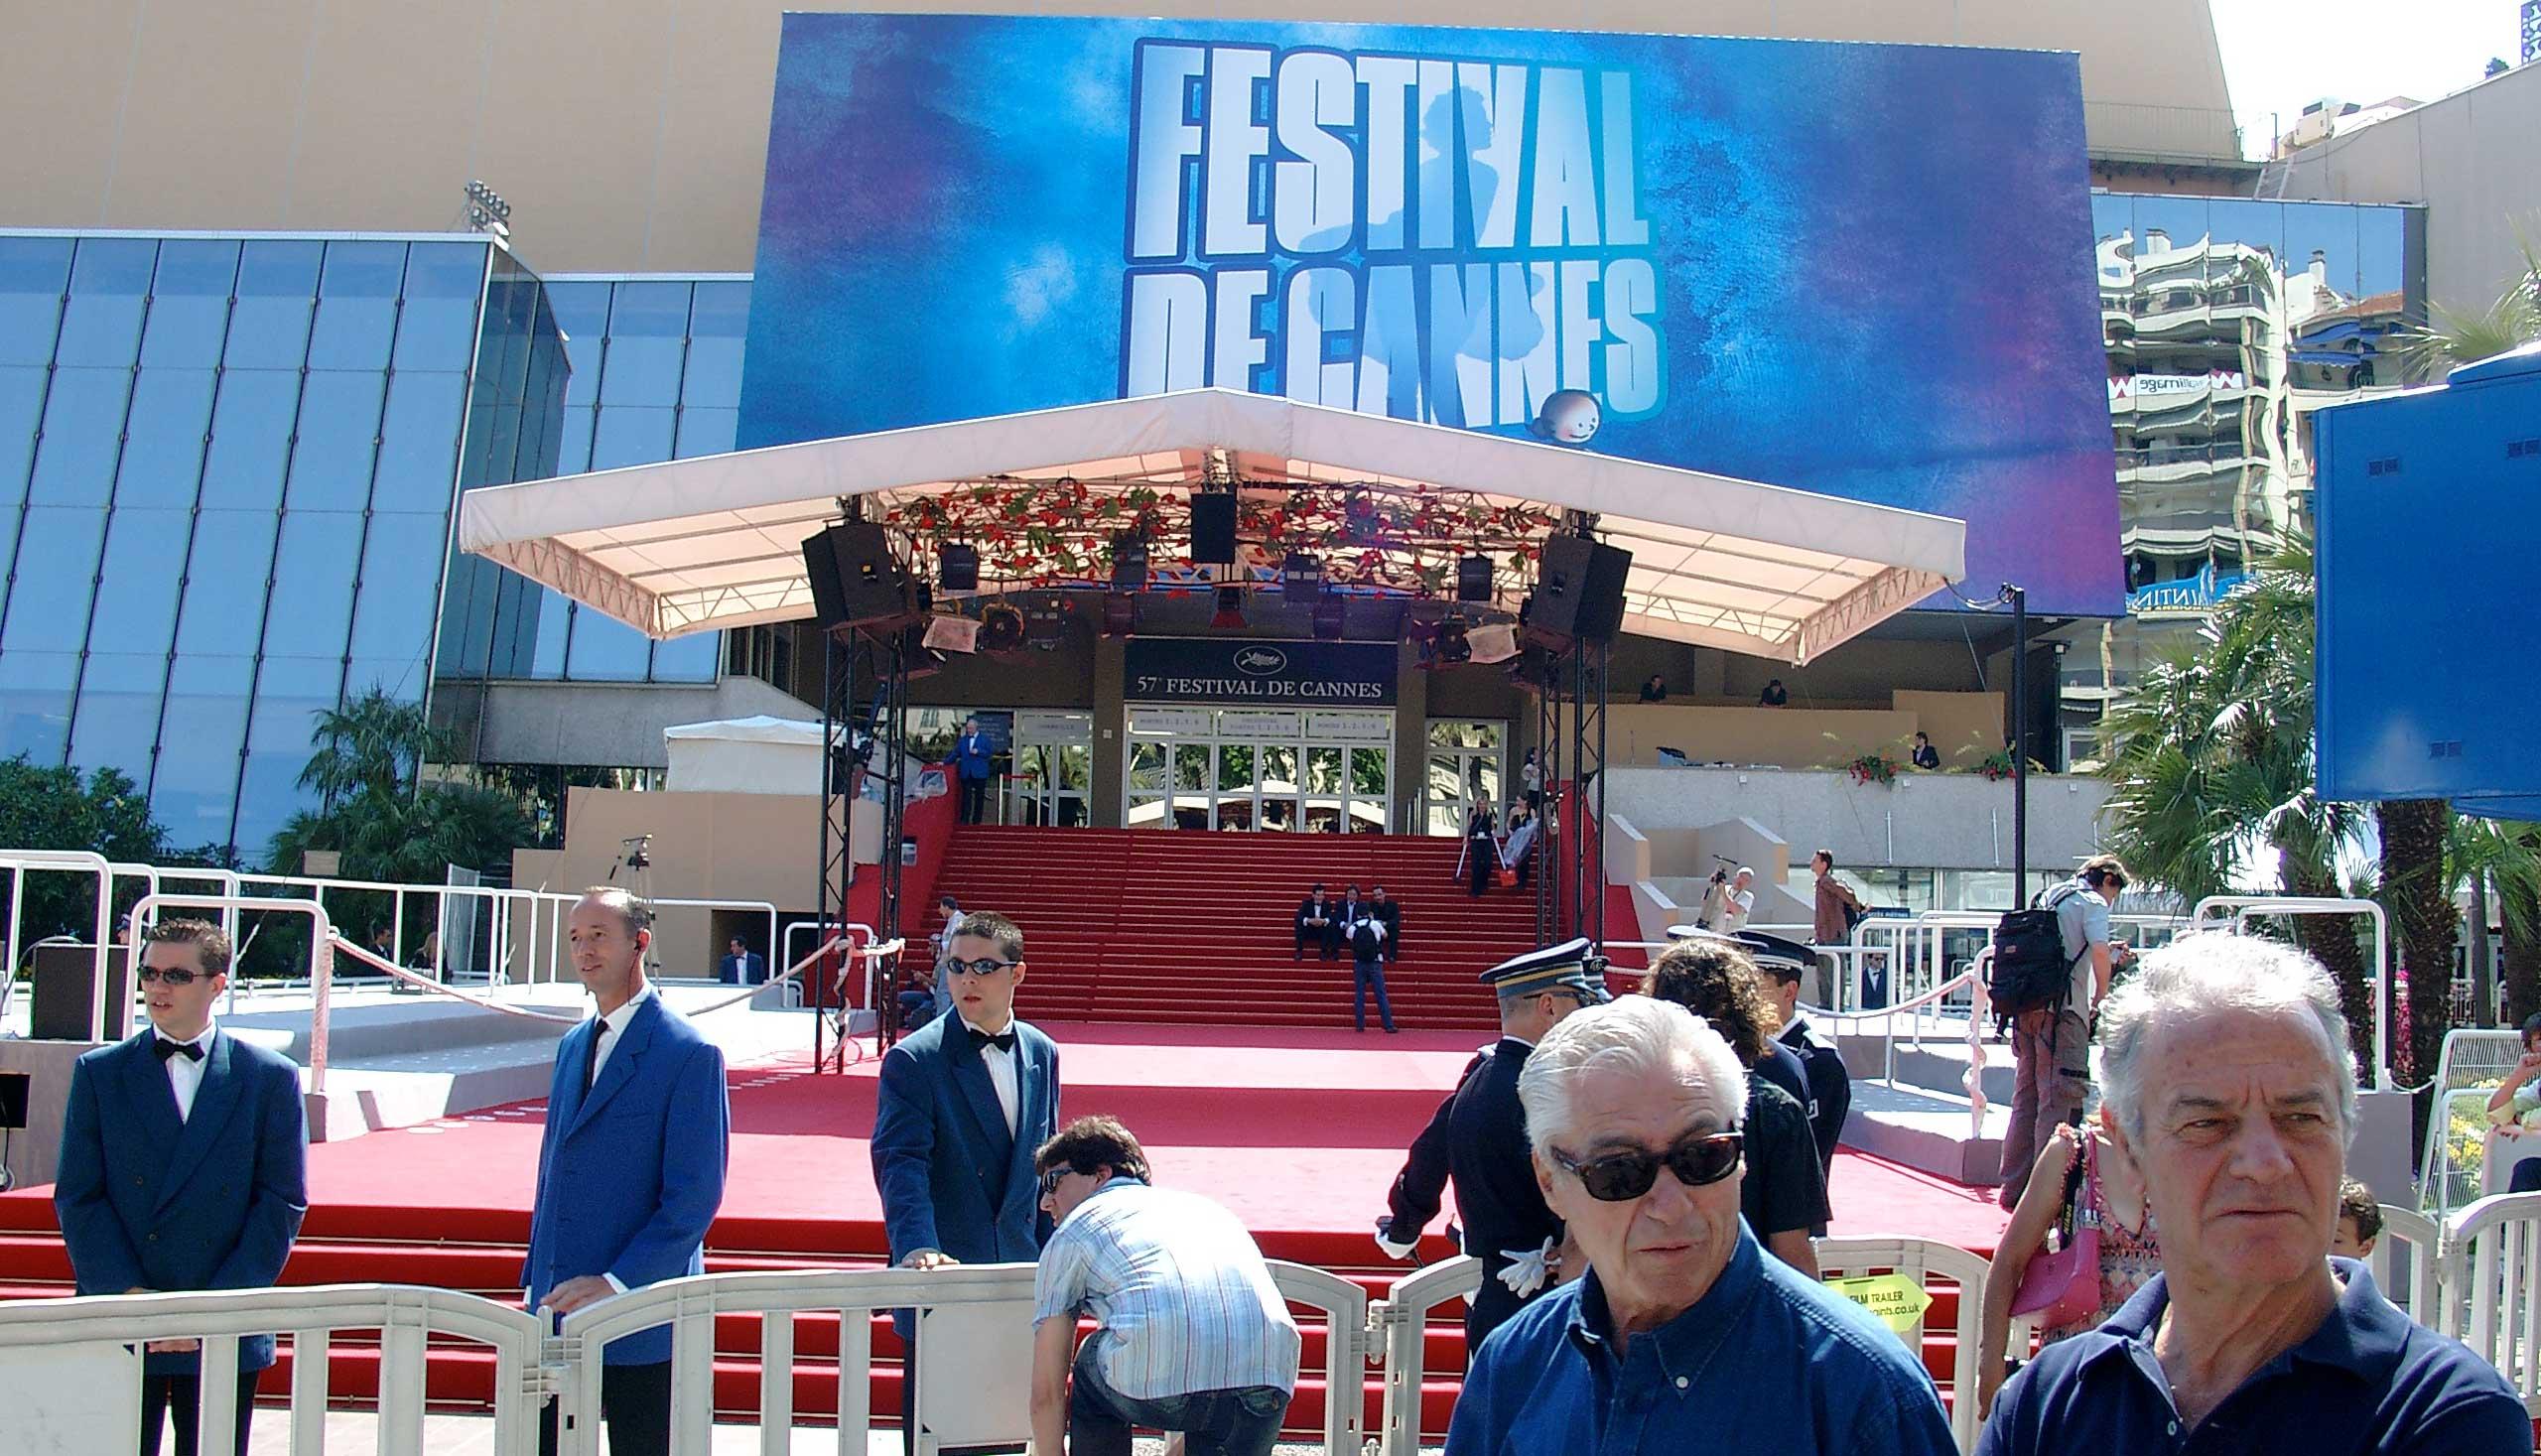 Palais des Festivals i Cannes. Foto: Film.nu